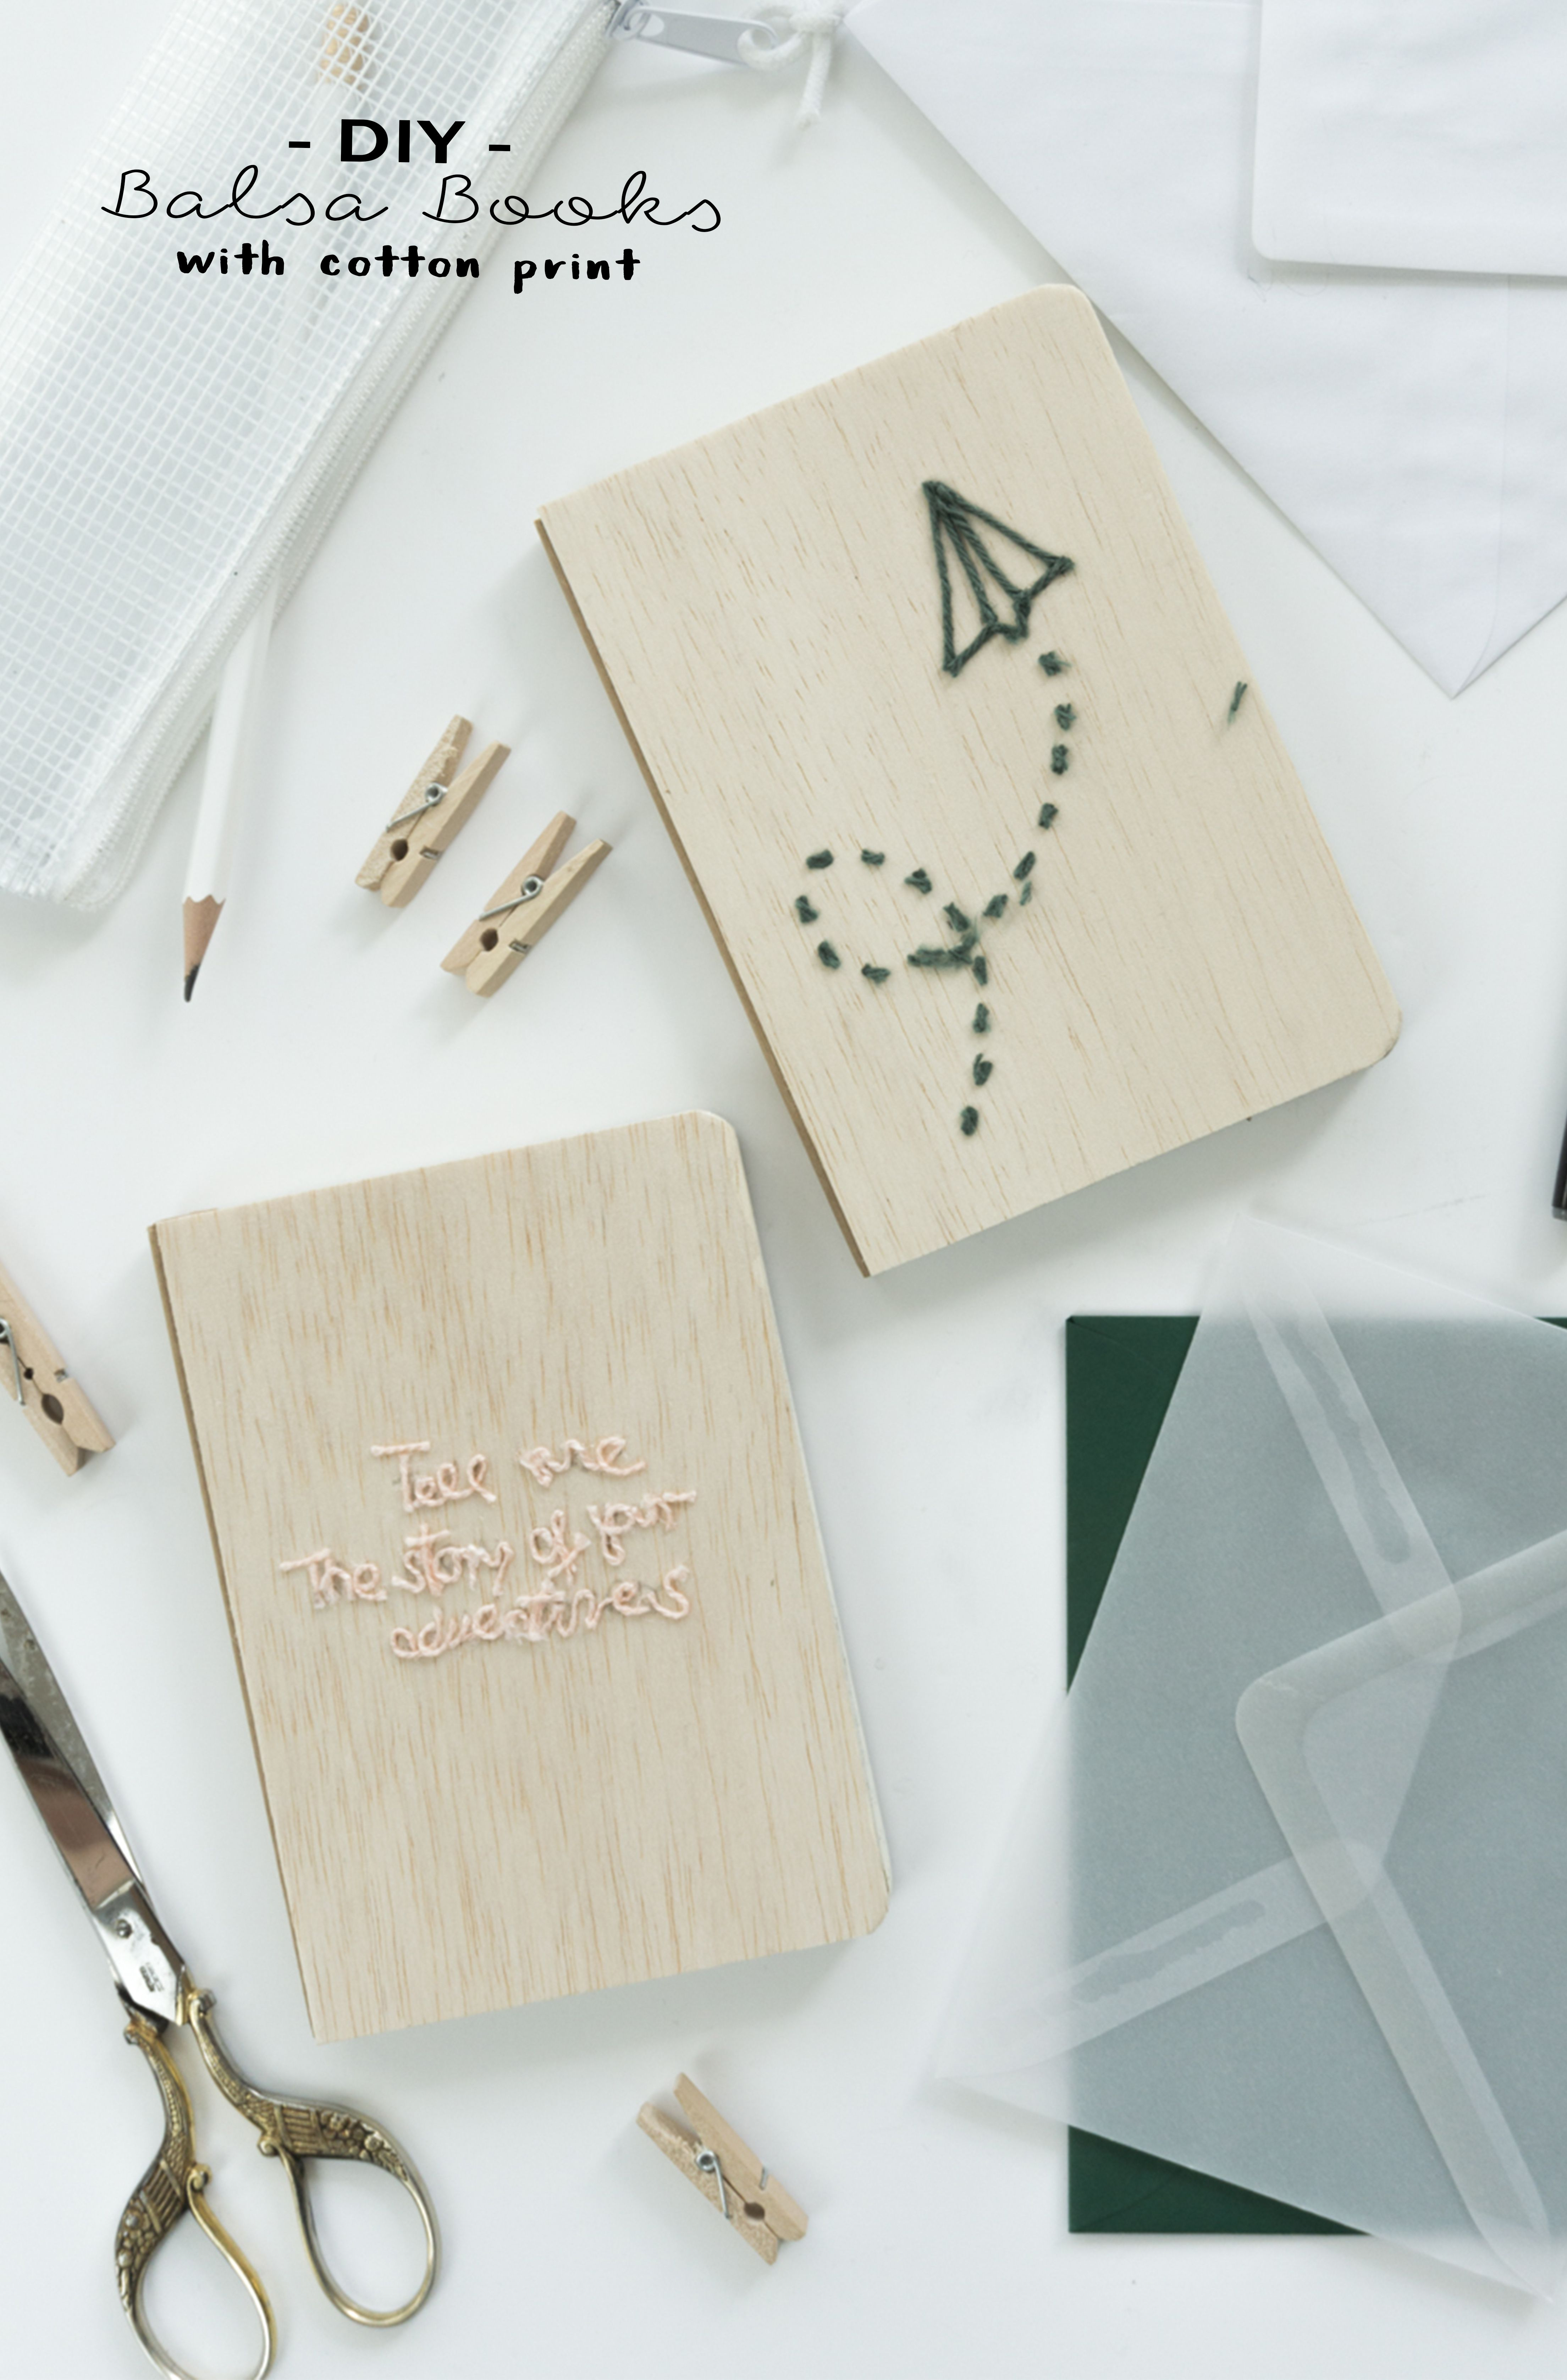 balsa books mit baumwollprint crafts pinterest basteln b cher und geschenke. Black Bedroom Furniture Sets. Home Design Ideas